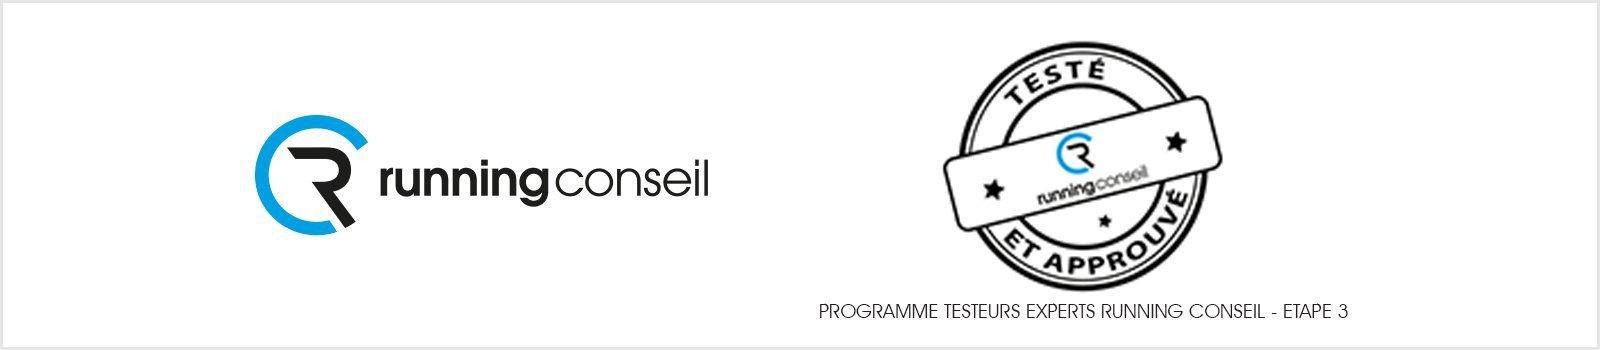 PROGRAMME TESTEURS EXPERTS RUNNING CONSEIL - ETAPE 3